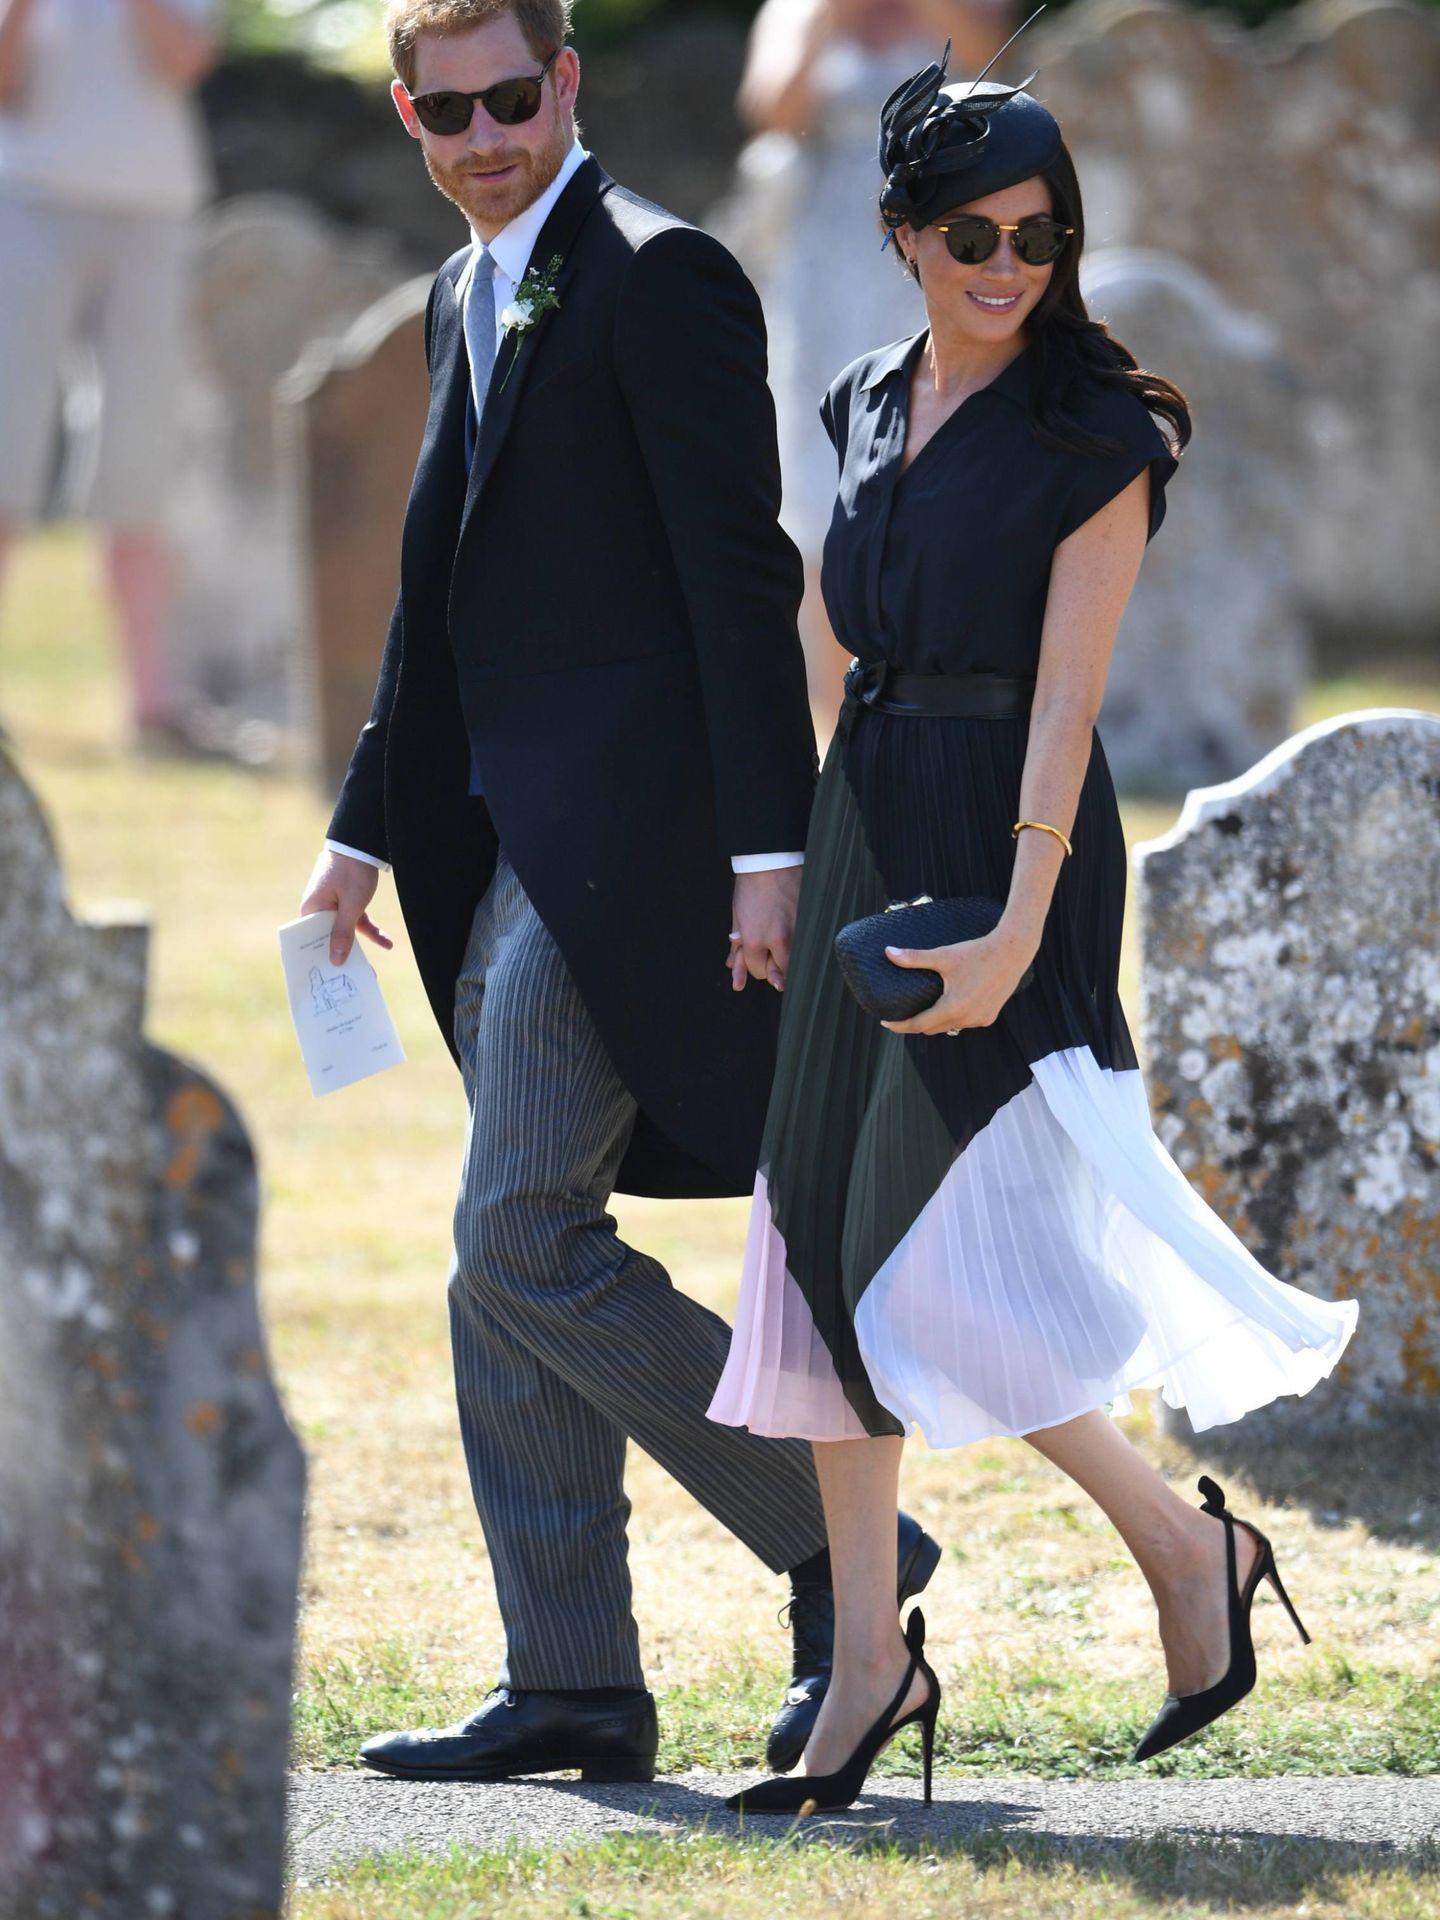 El príncipe Harry y Meghan Markle, en la boda de Charlie van Straubenzee y Daisy Jenks. (Cordon Press)